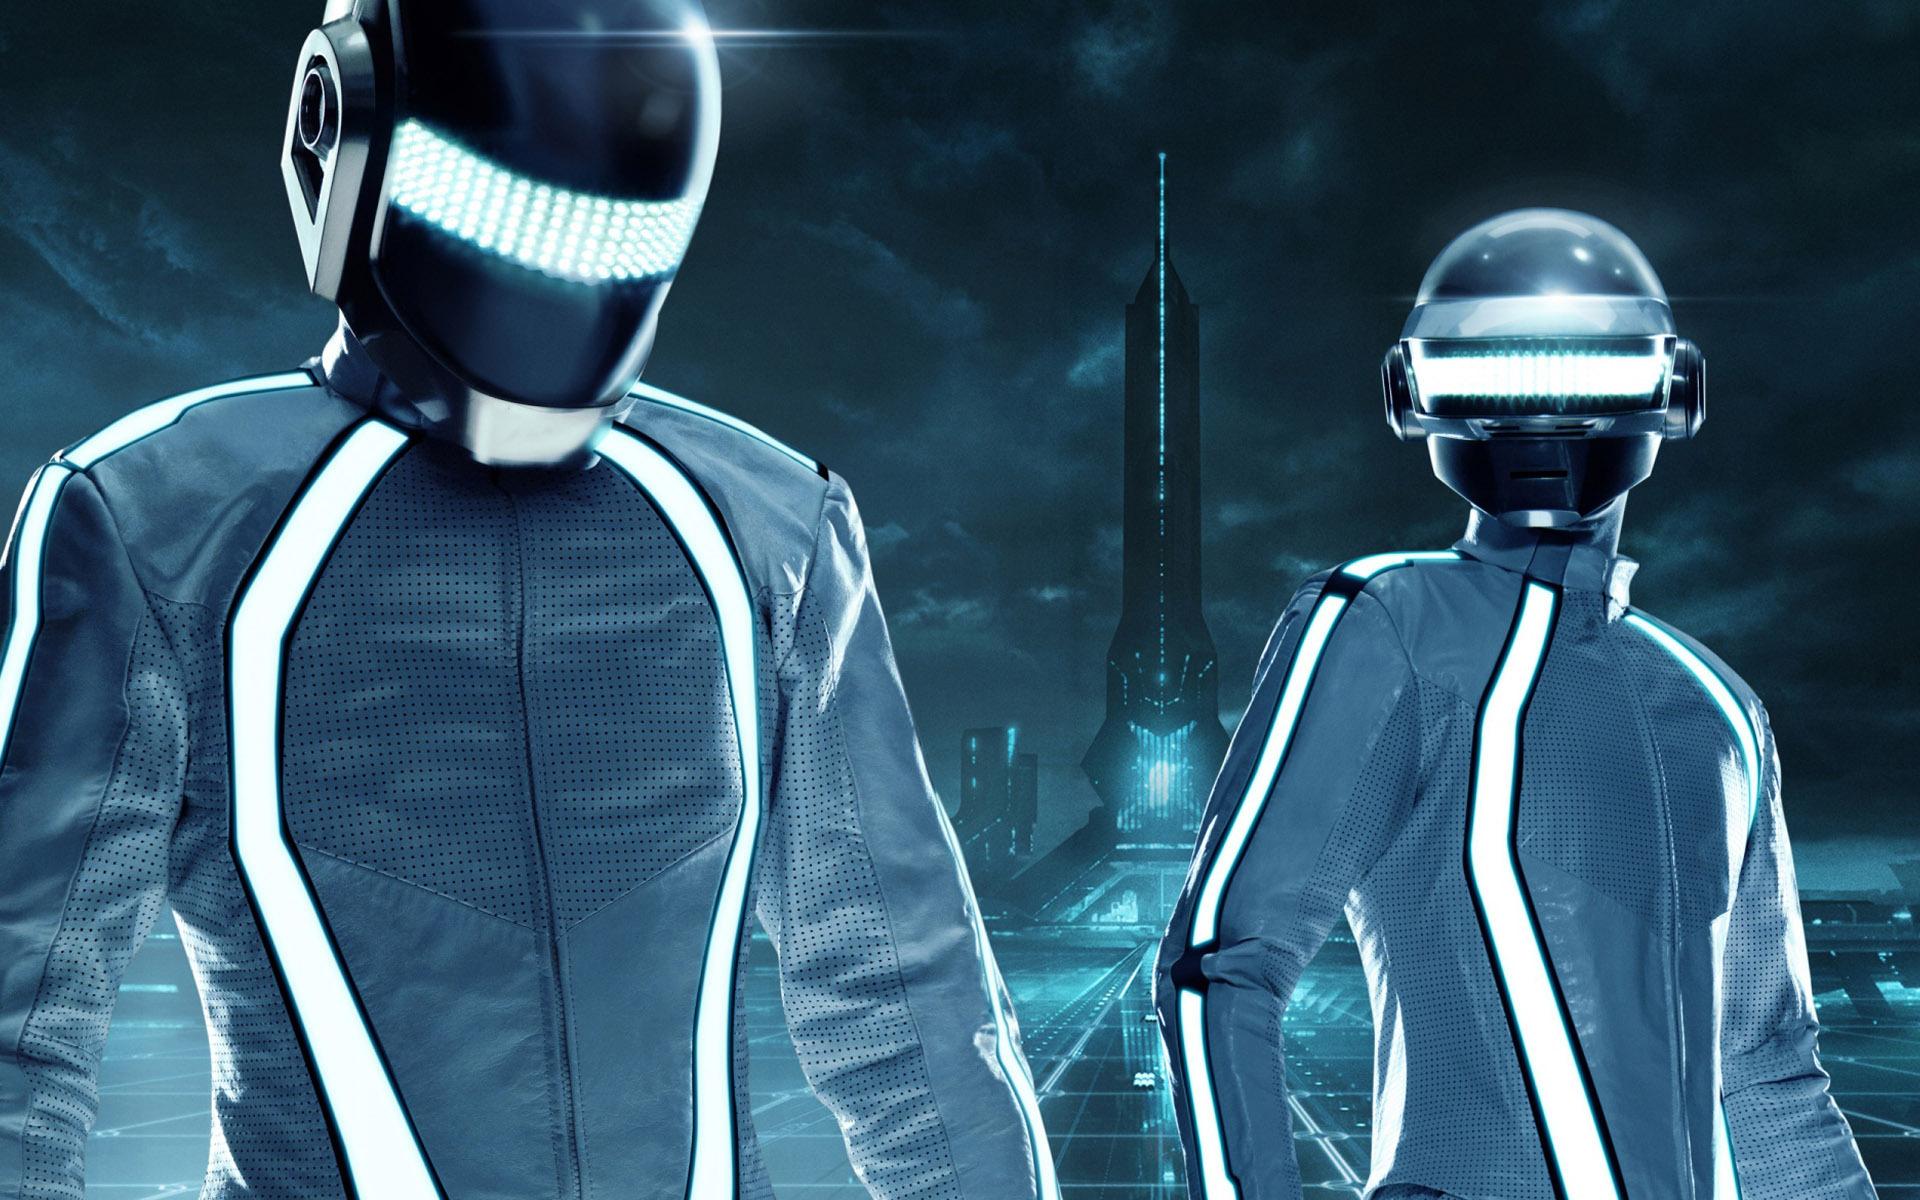 Daft Punk Backgrounds - WallpaperSafari